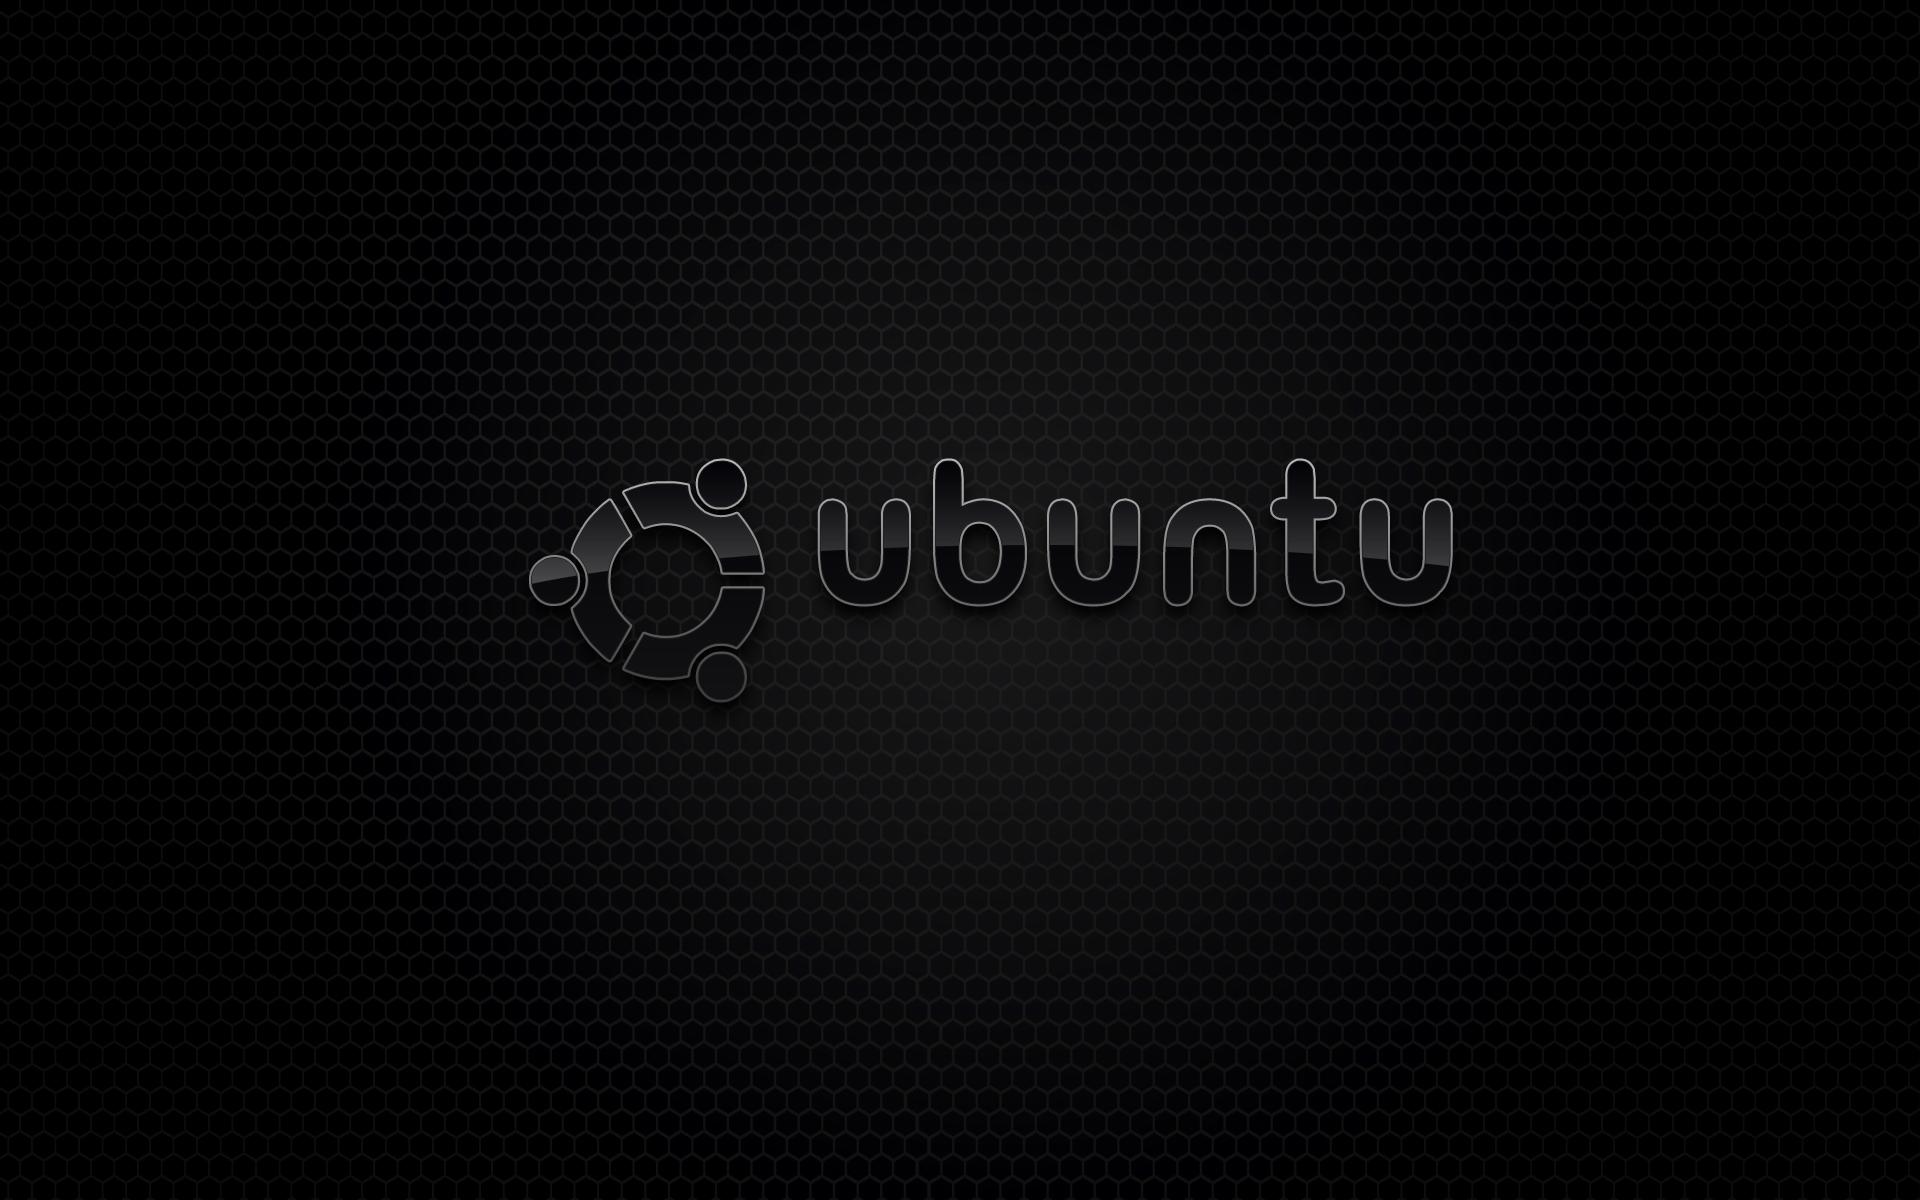 ubuntu_2_by_mullet-d39kerm.jpg